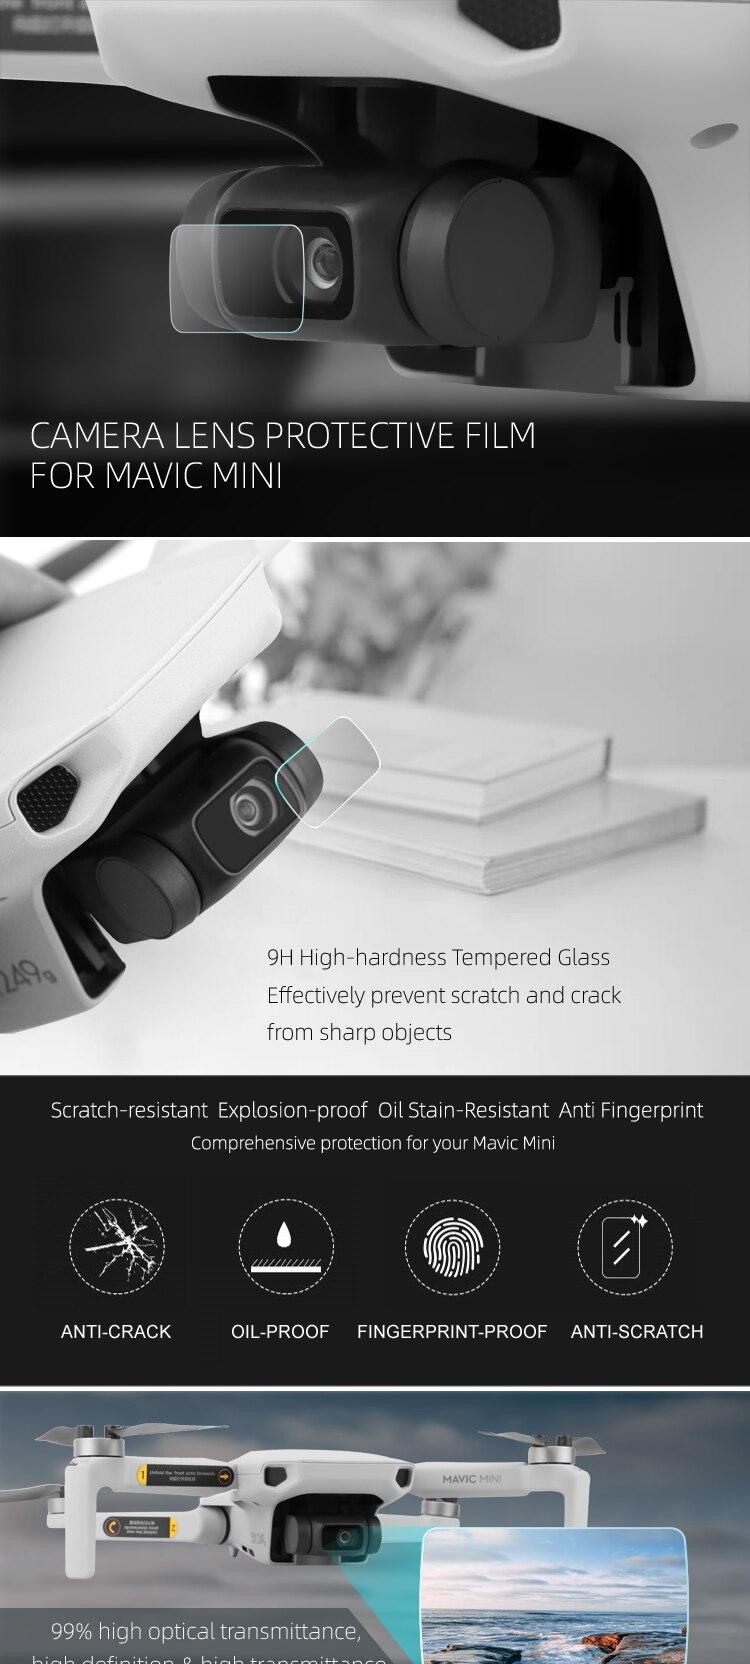 Engrenagem de pouso lente capa adereços titular